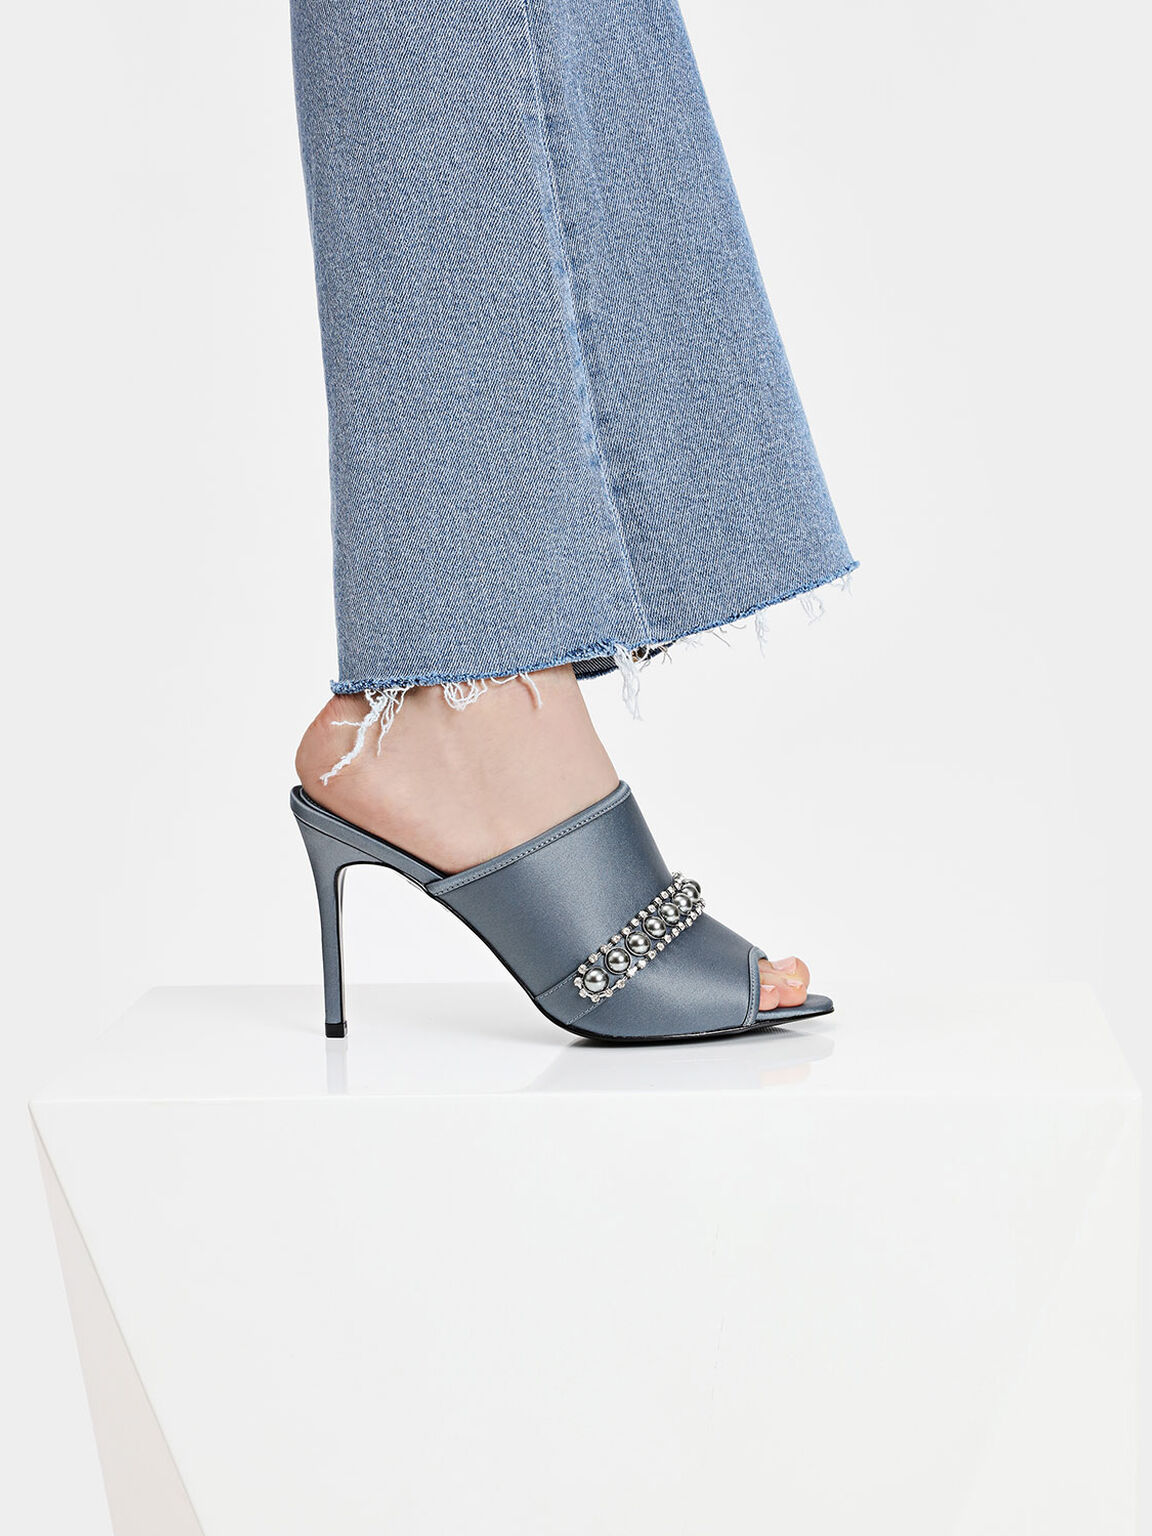 Embellished Satin Mules, Grey, hi-res